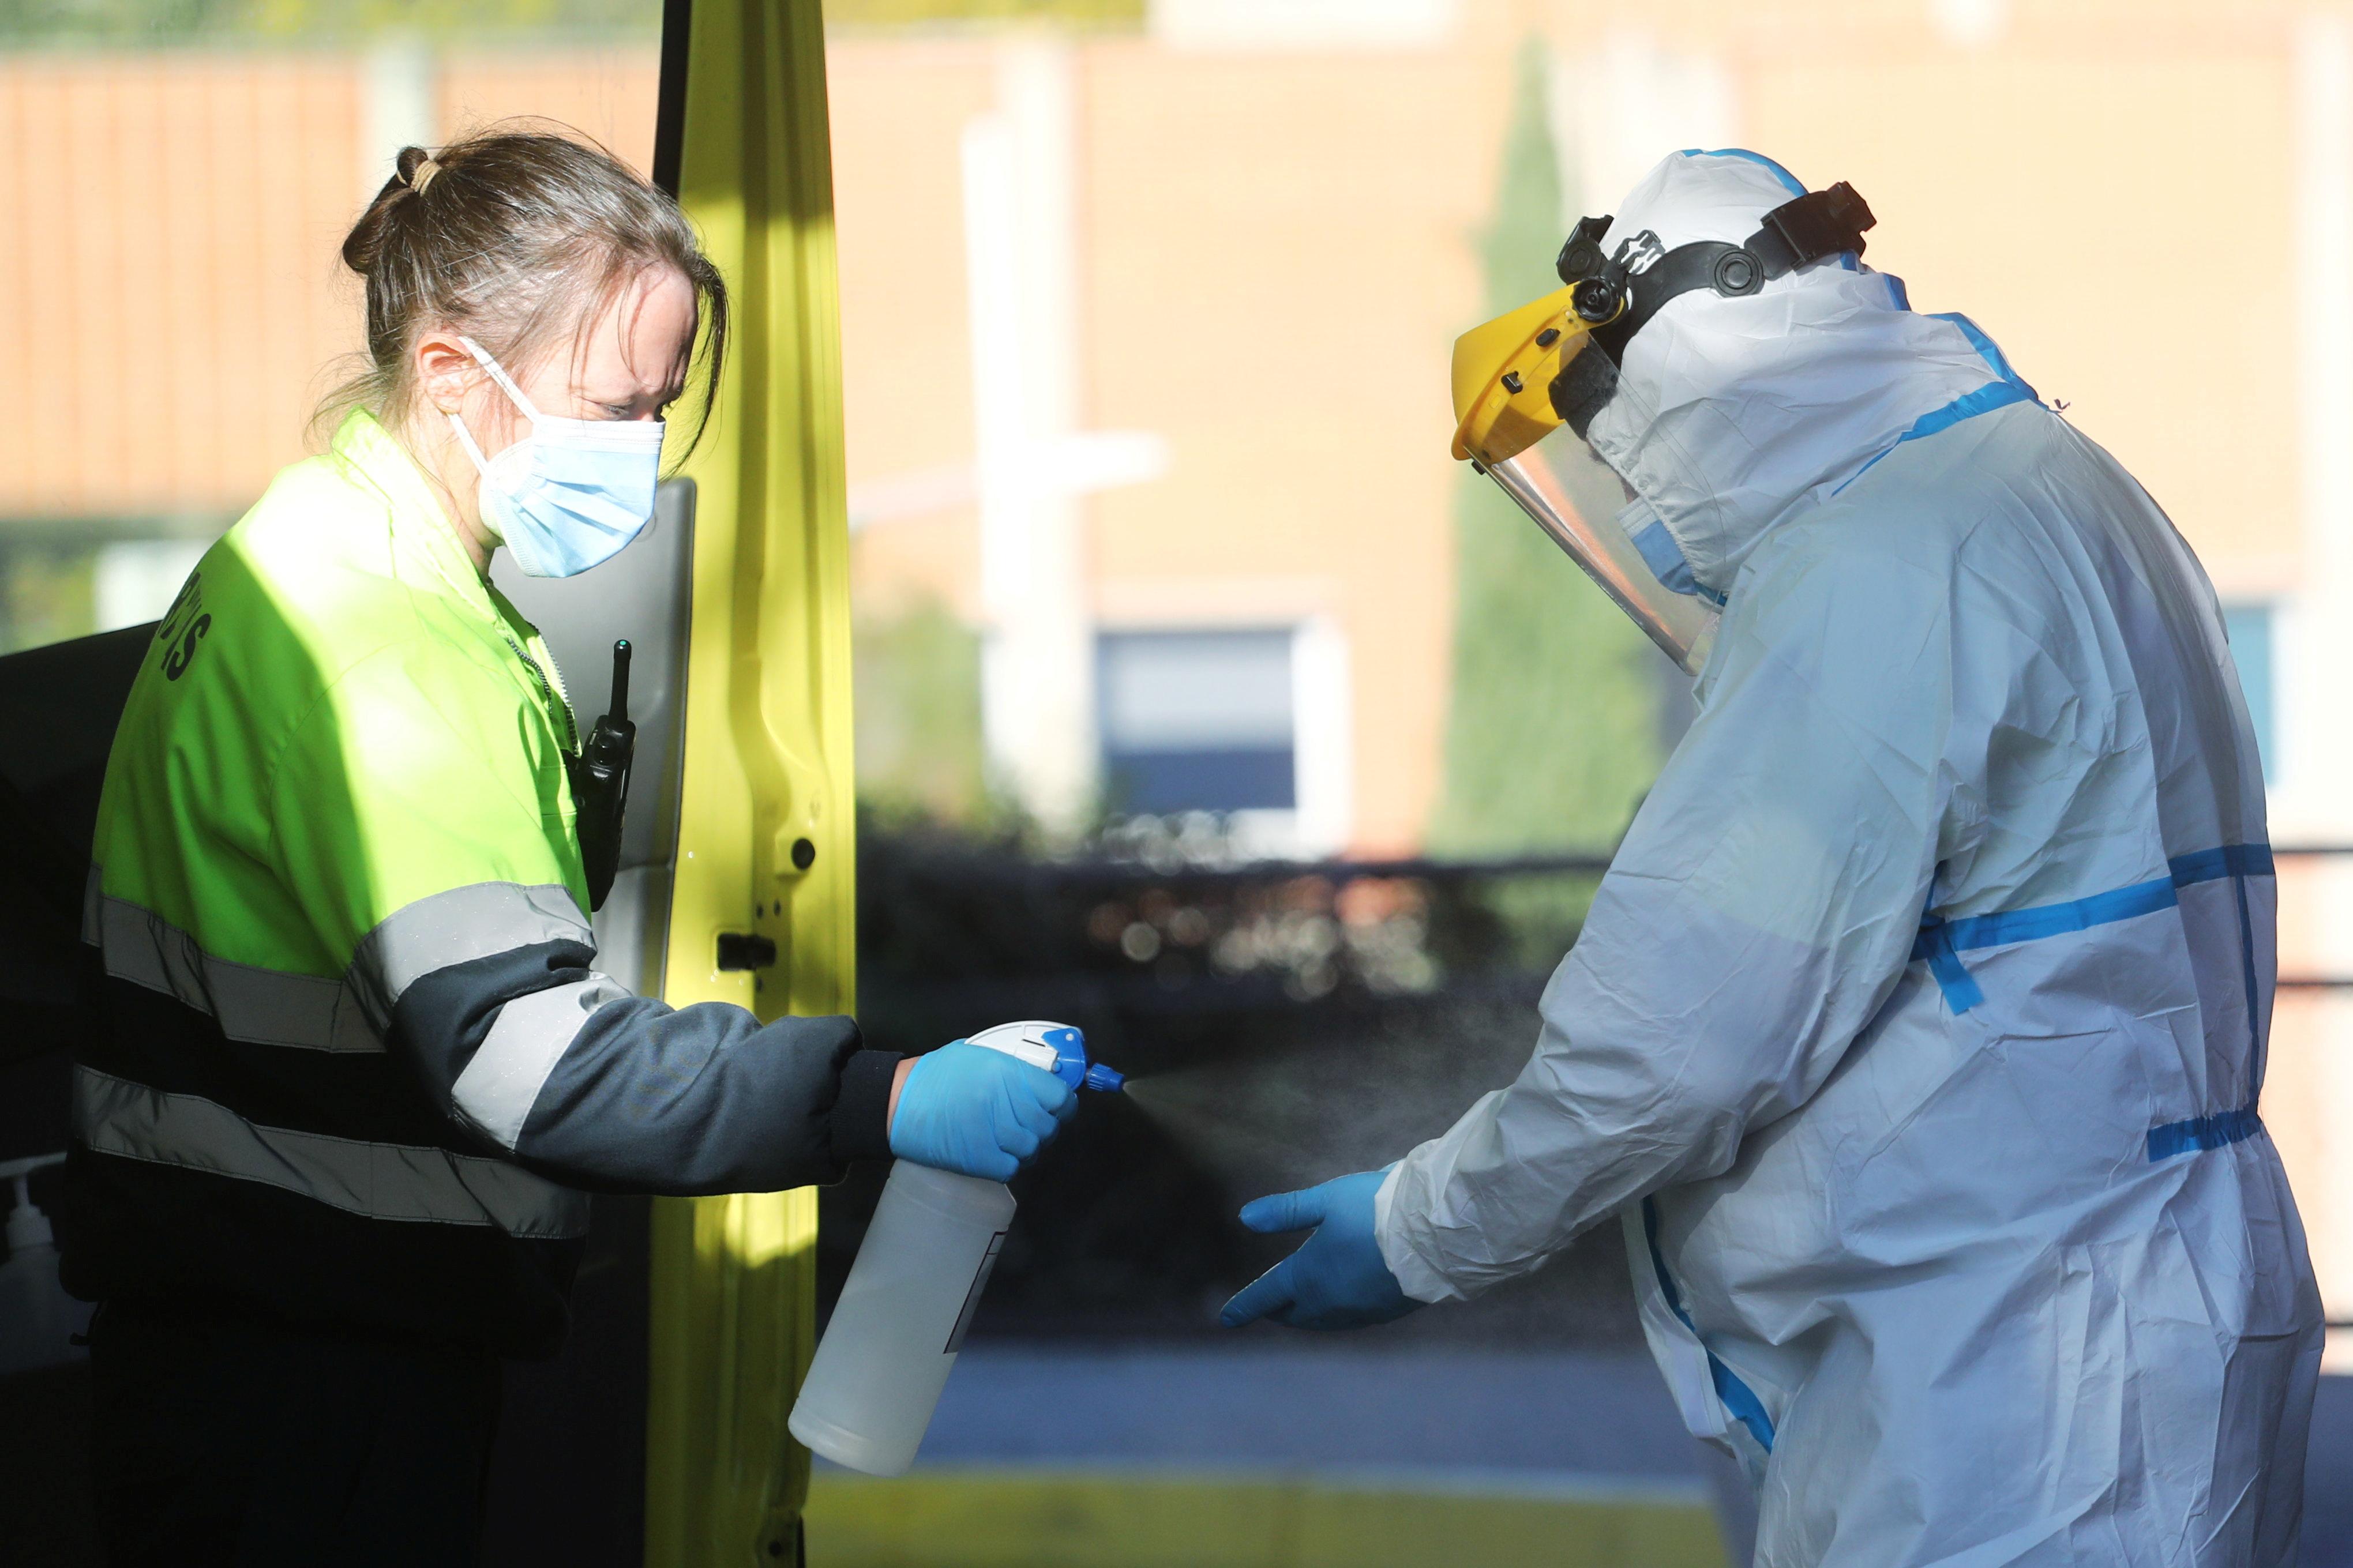 Rusia registra nuevo récord diario de coronavirus con 15.982 casos y suma  179 muertos - La Tercera